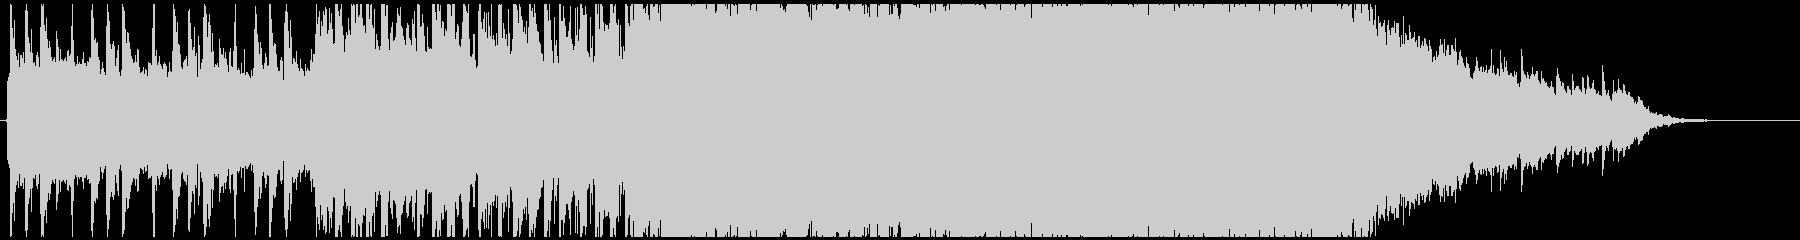 ジングル - フライトプランの未再生の波形